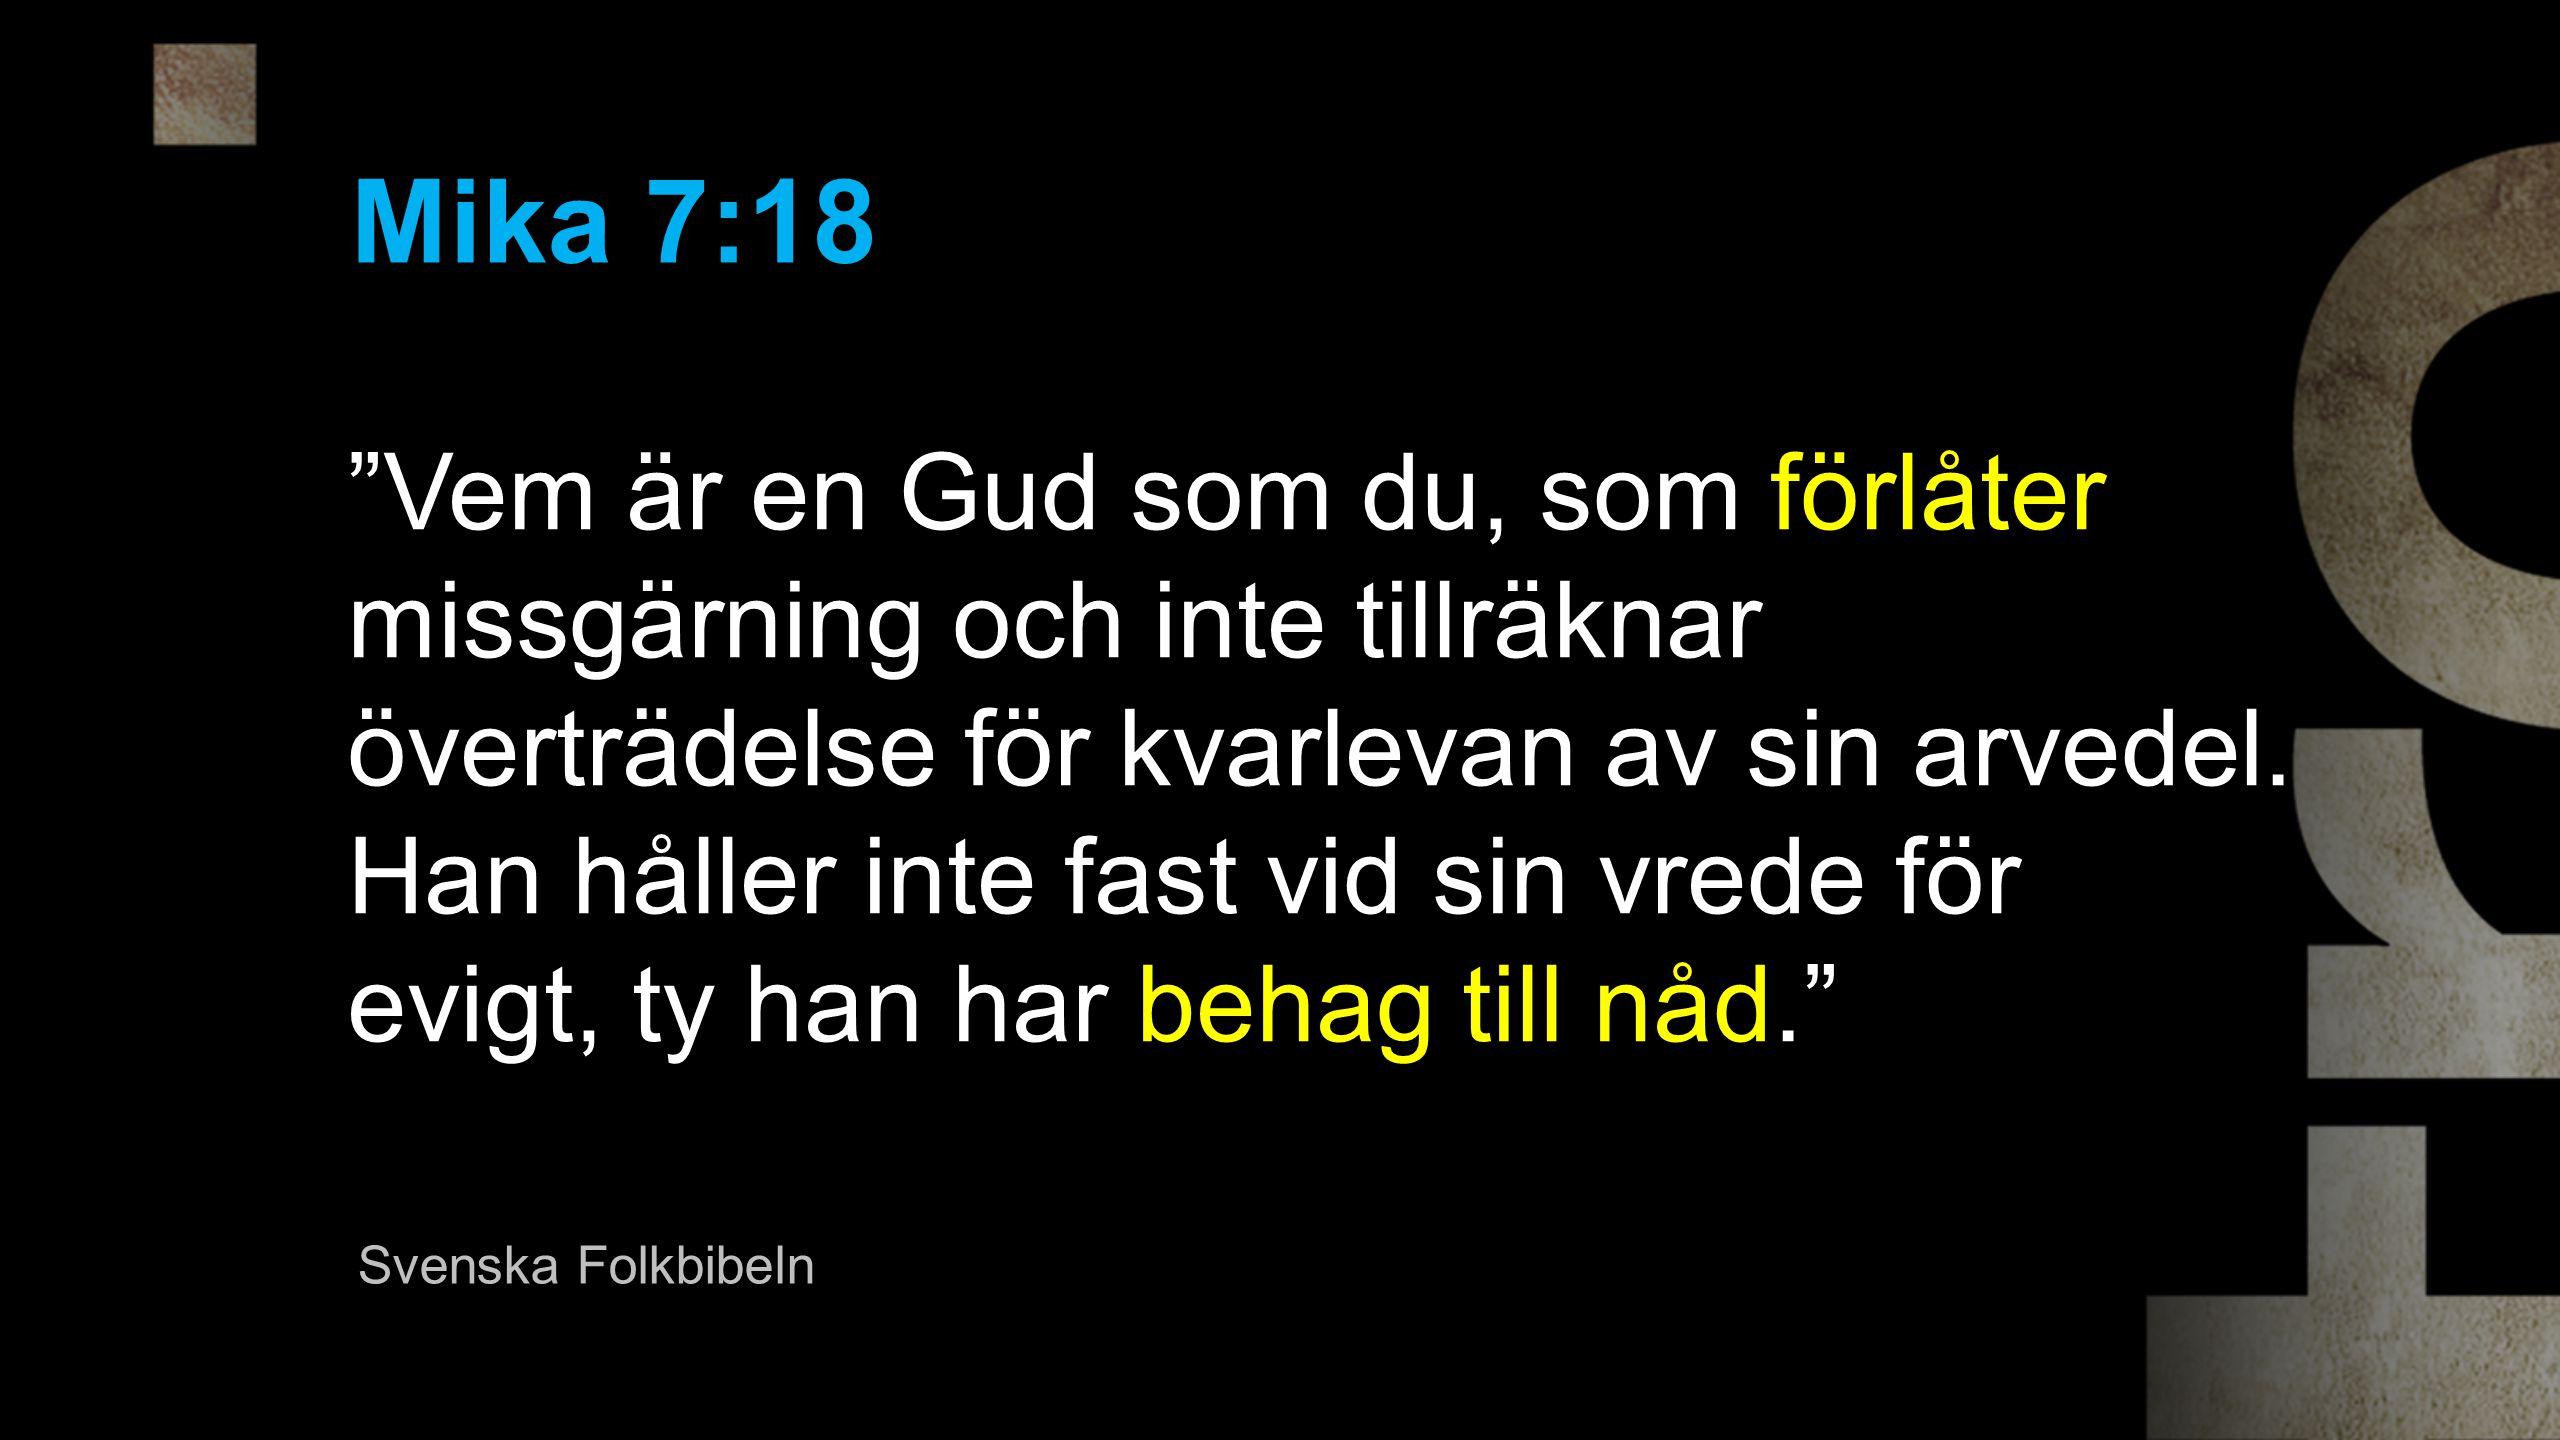 Vem är en Gud som du, som förlåter missgärning och inte tillräknar överträdelse för kvarlevan av sin arvedel.